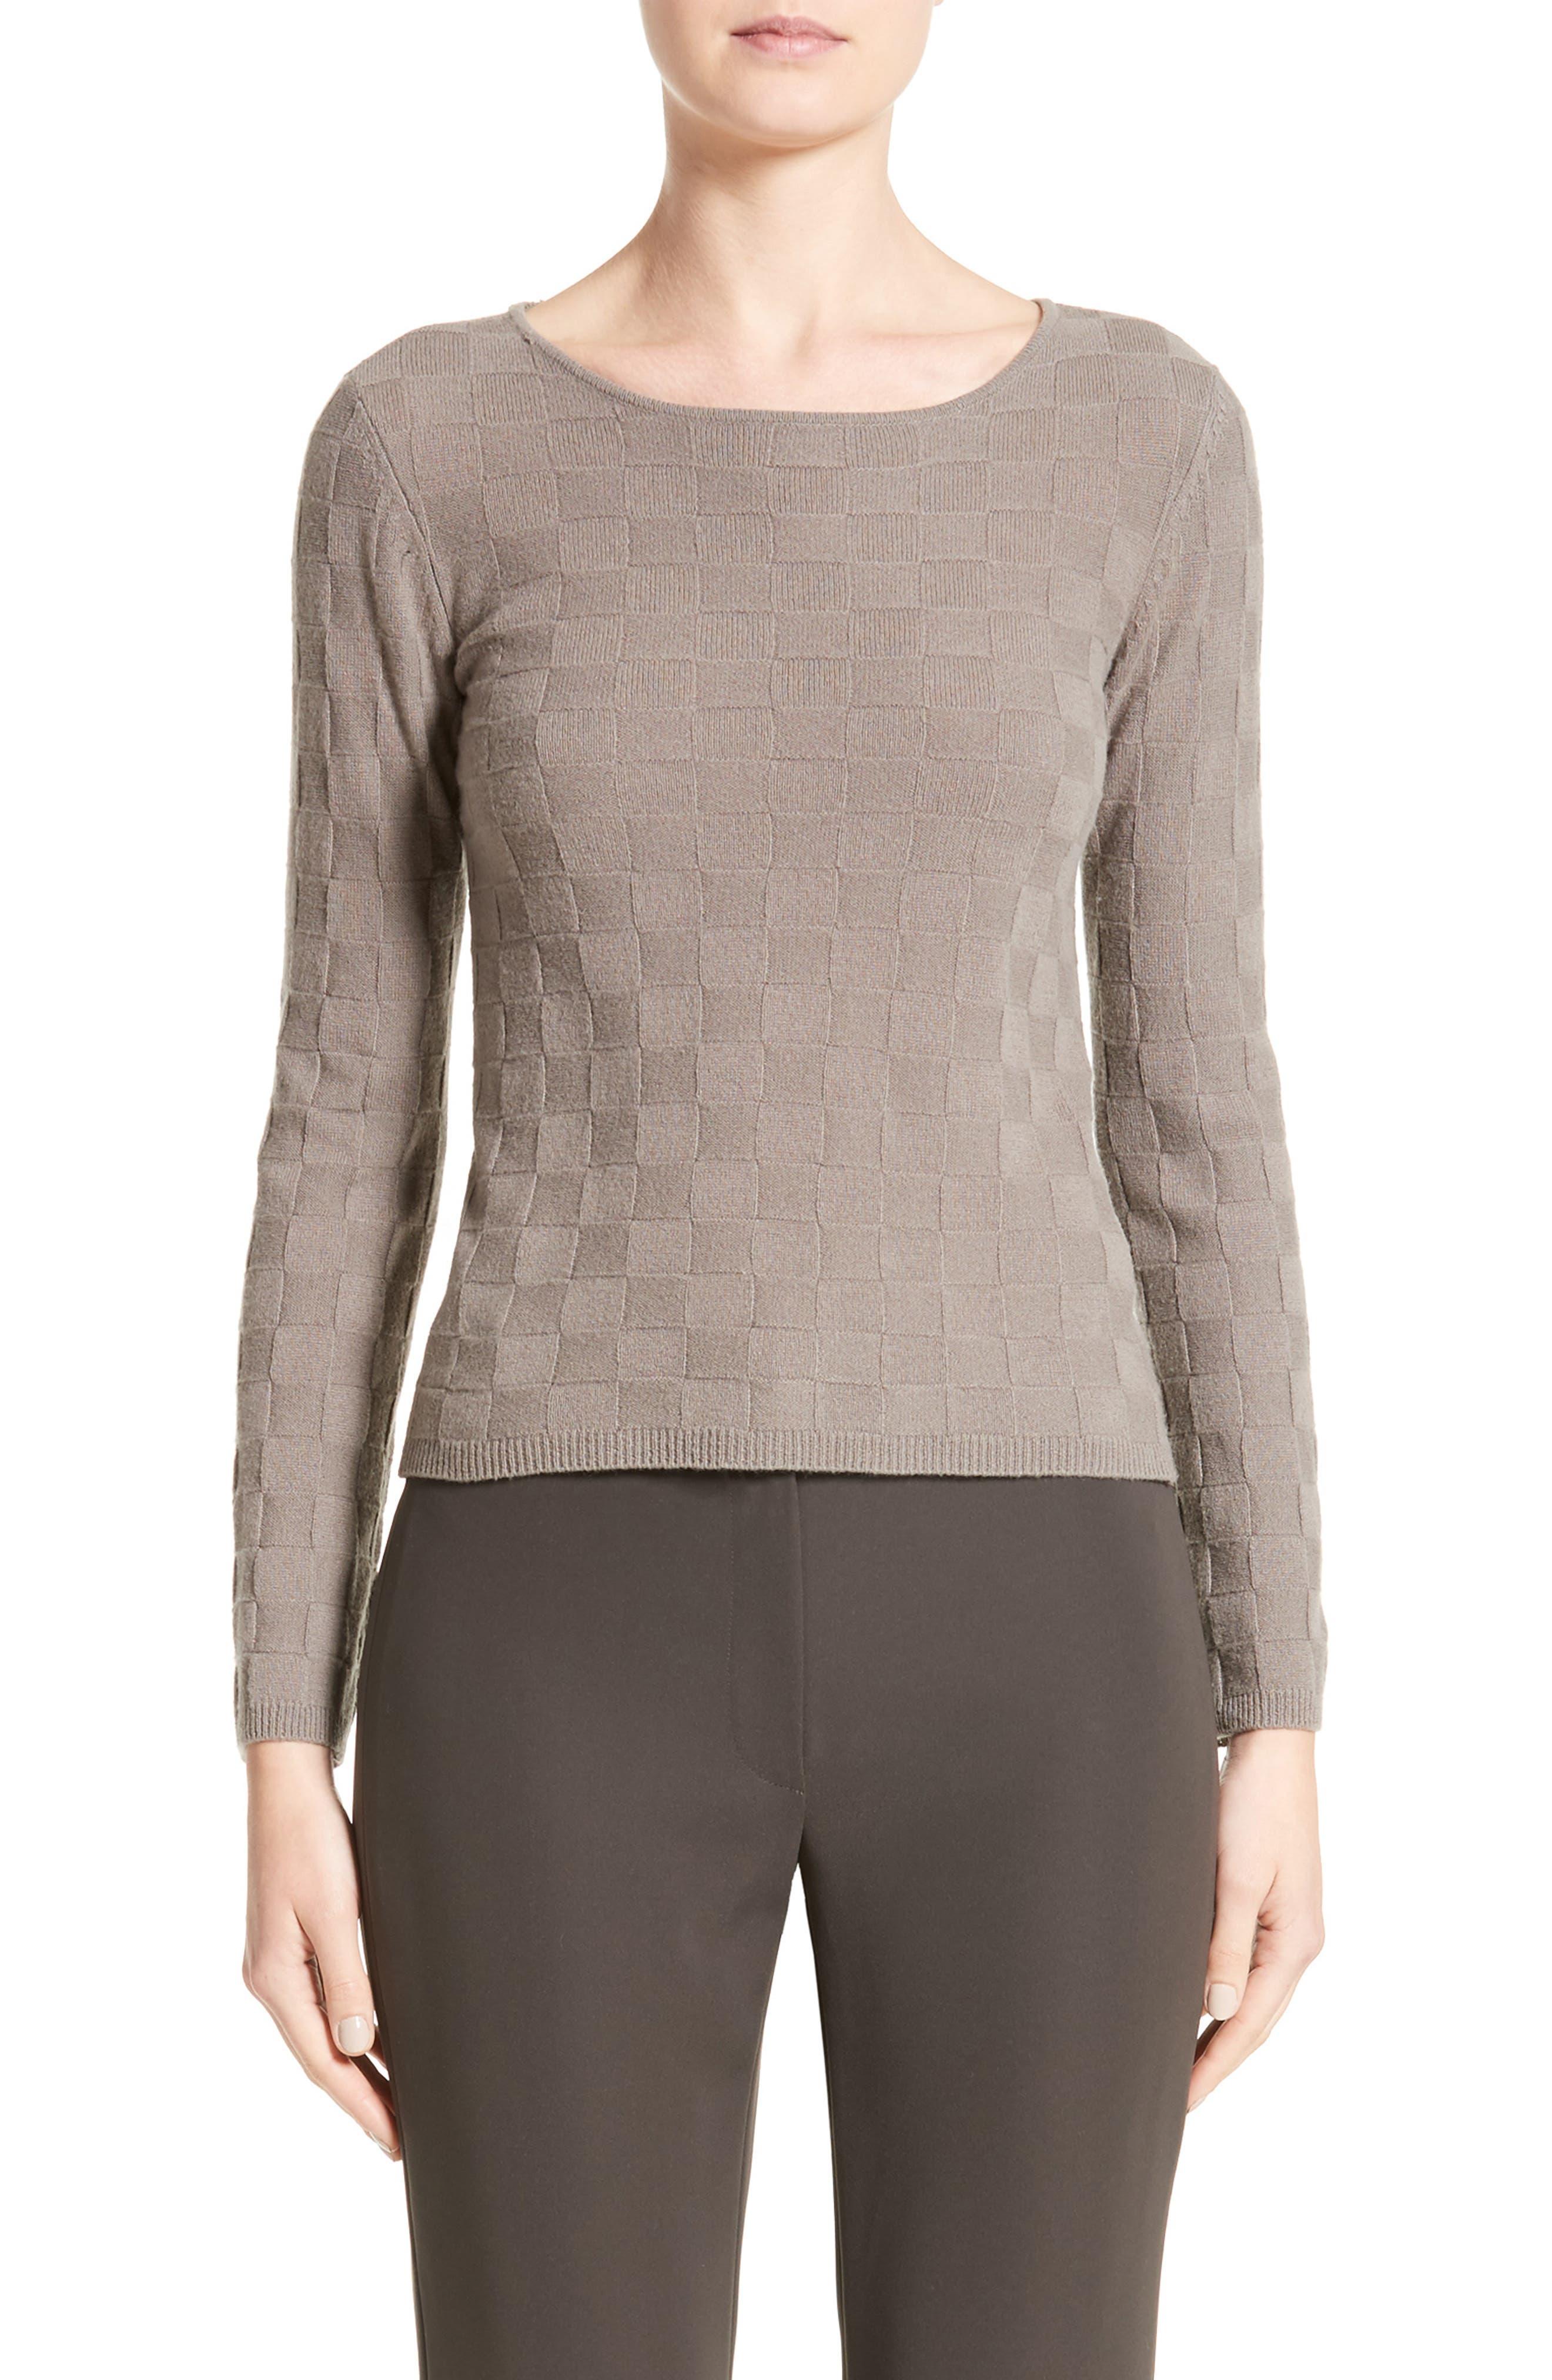 Alternate Image 1 Selected - Armani Collezioni Checkerboard Cashmere Sweater